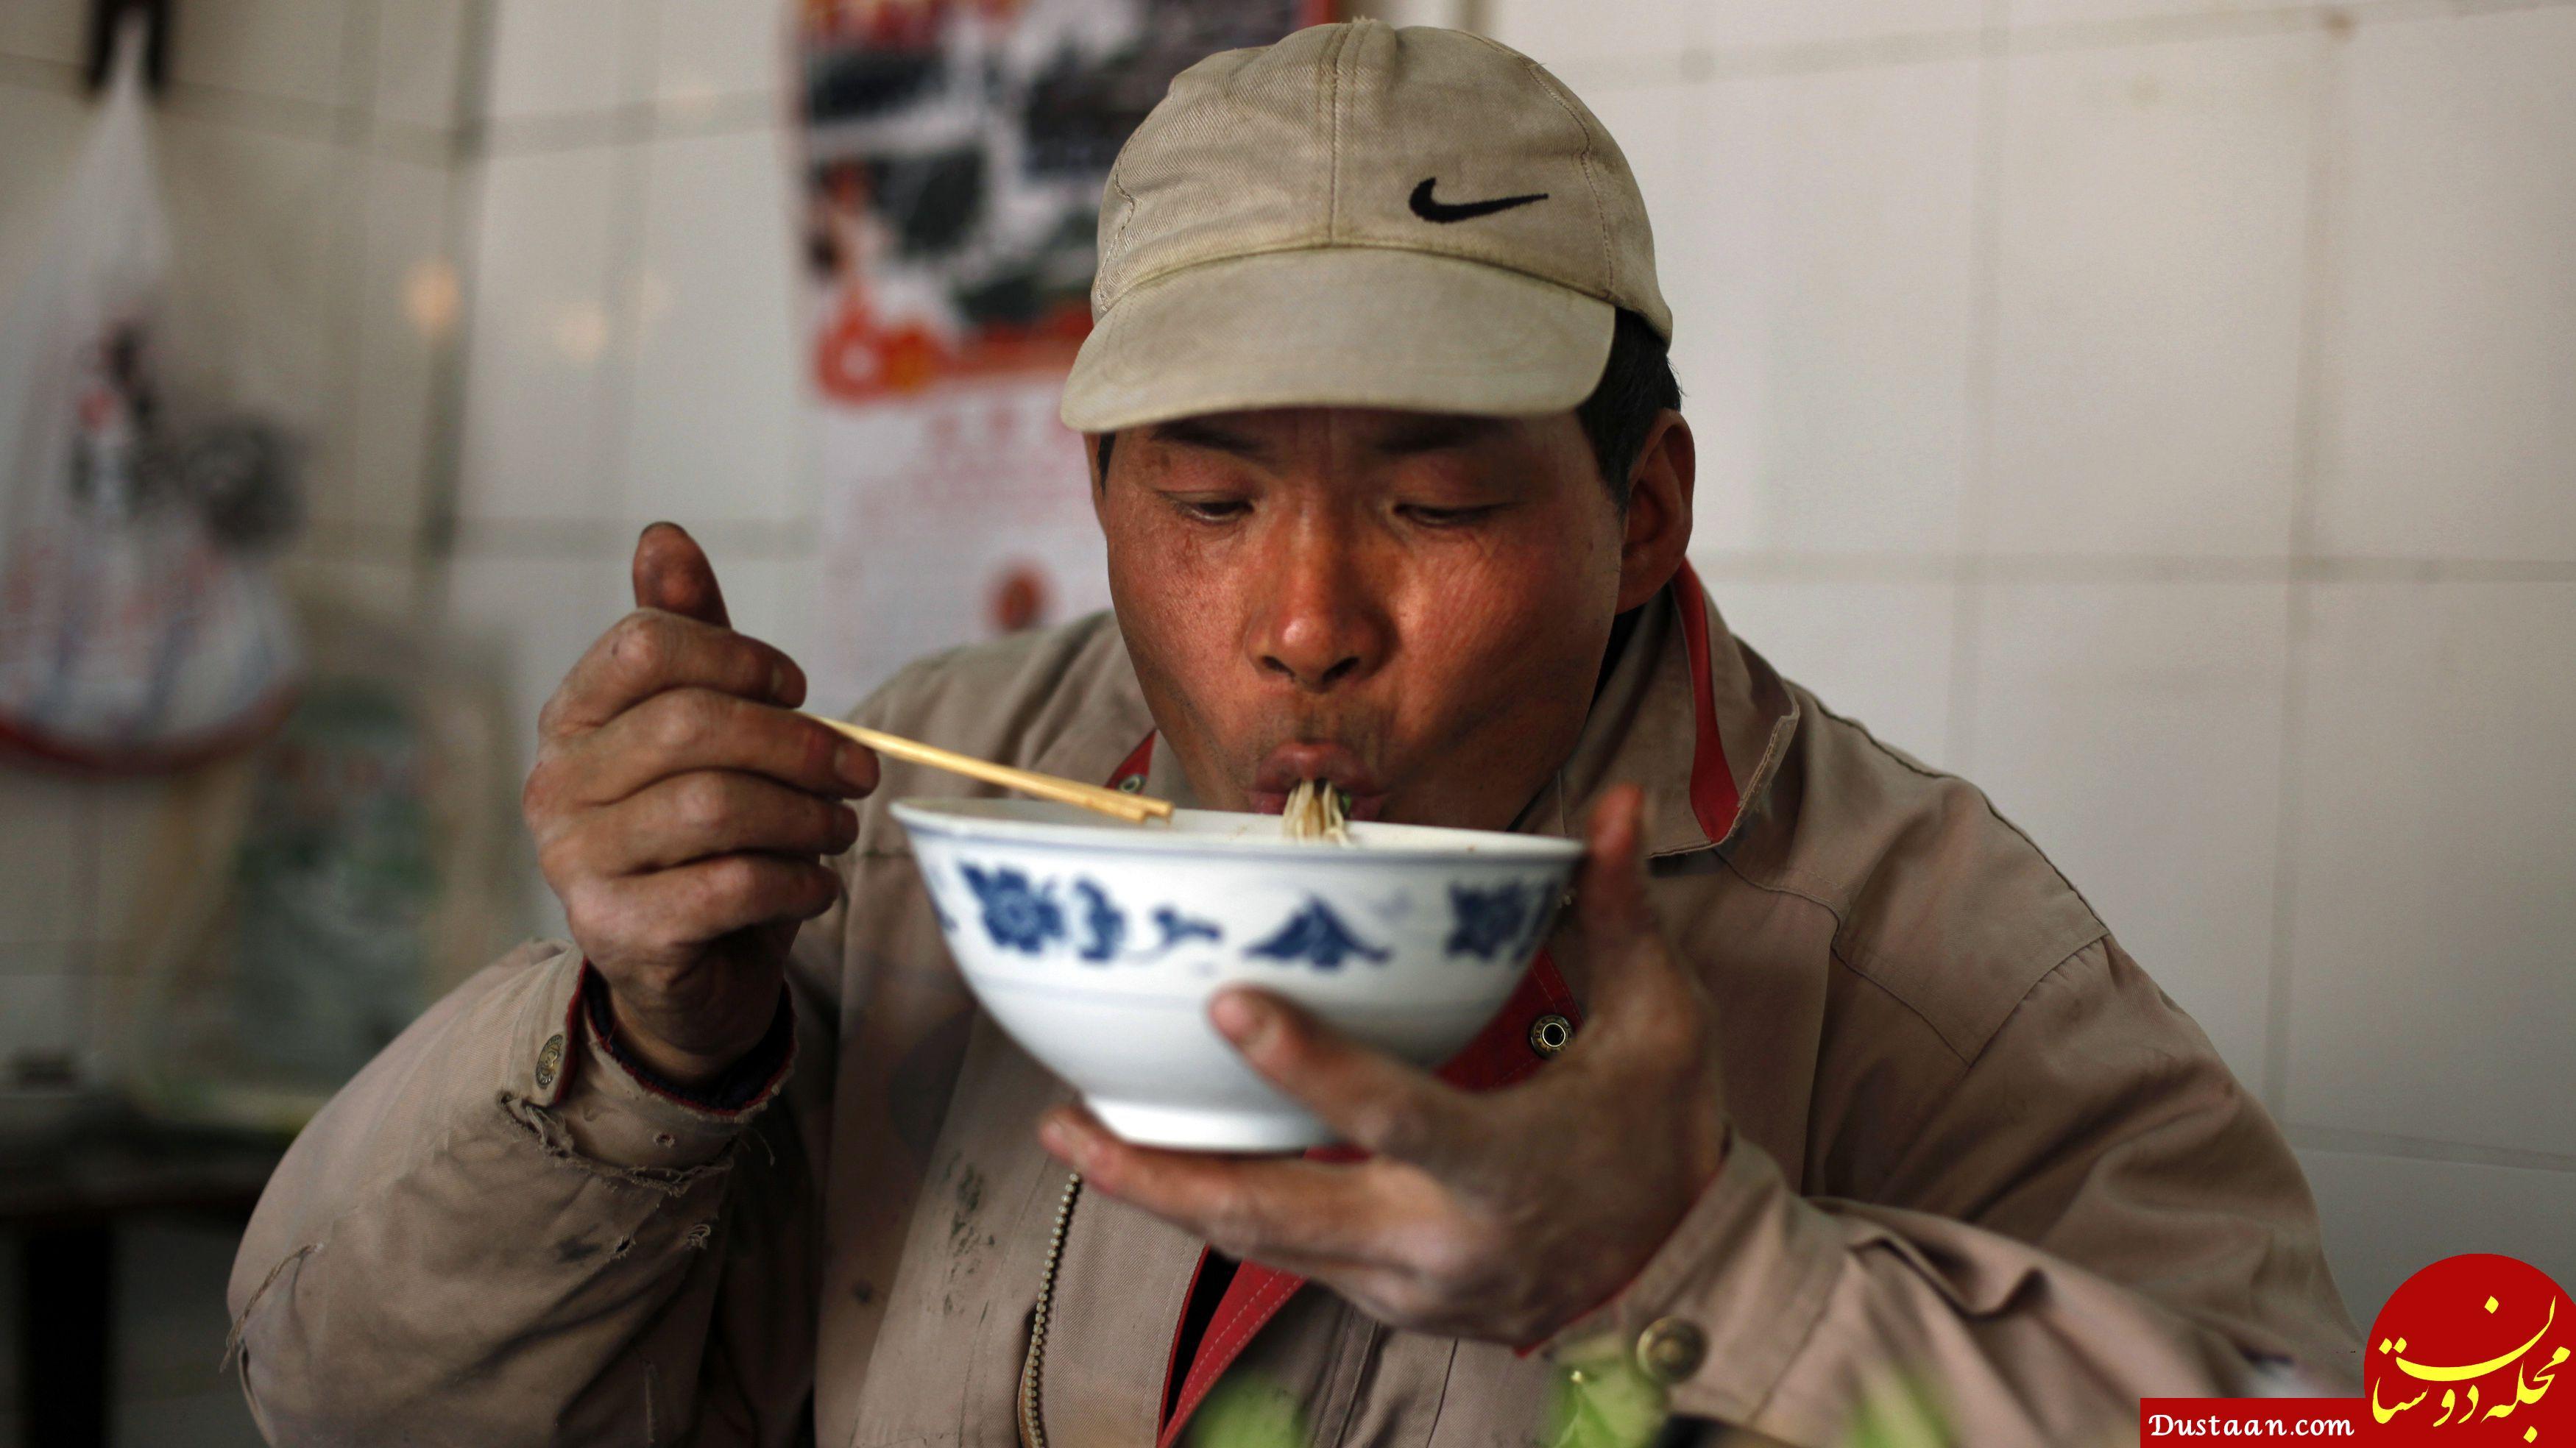 www.dustaan.com اقدام عجیب رستوران های چینی برای وابسته کردن مشتری! +عکس